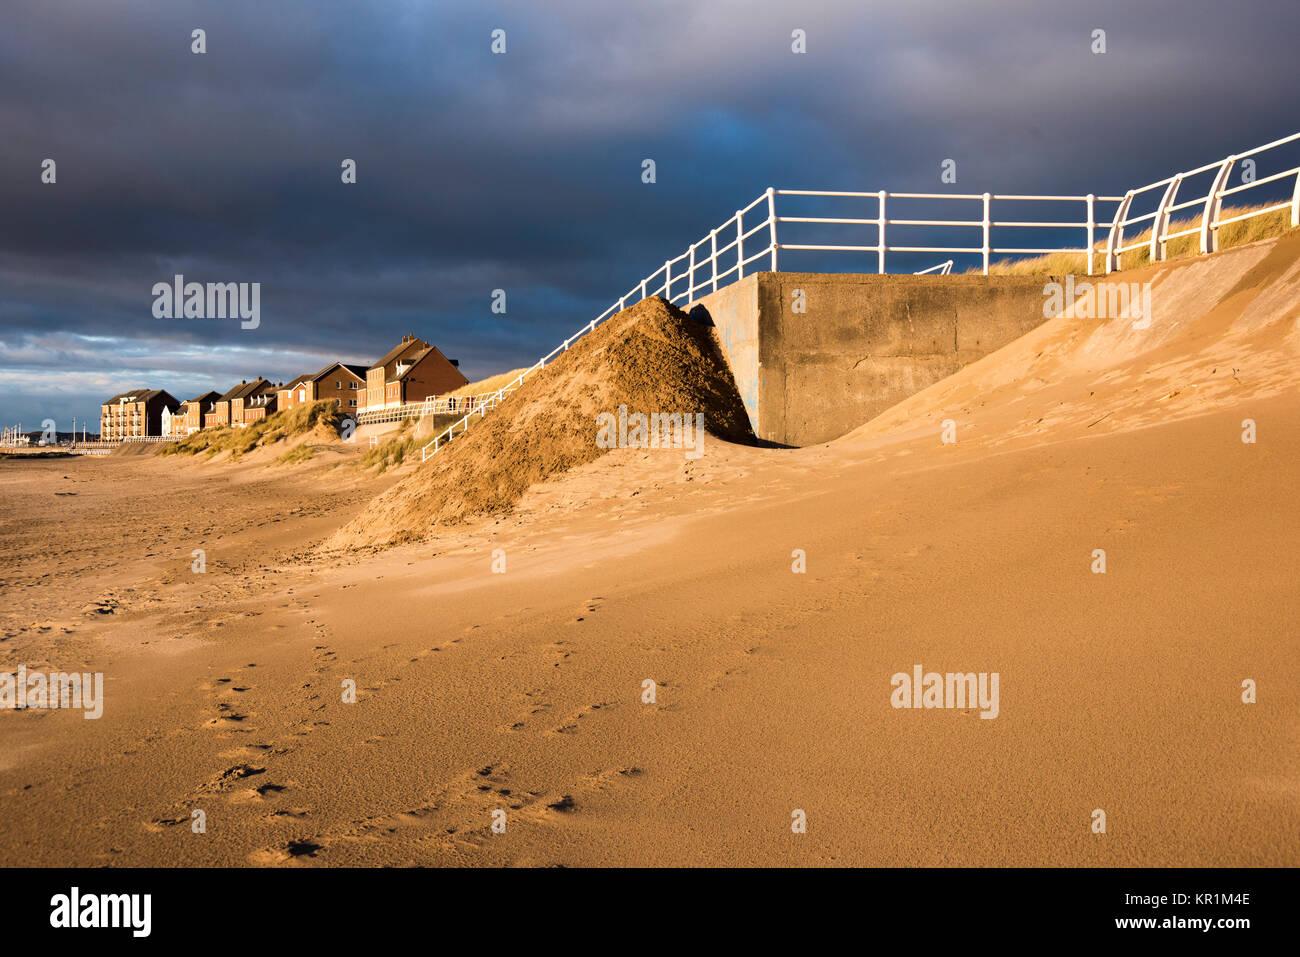 Et Baglan Bay Sands d'Aberavon, West Glamorgan, Pays de Galles, Royaume-Uni. Banque D'Images